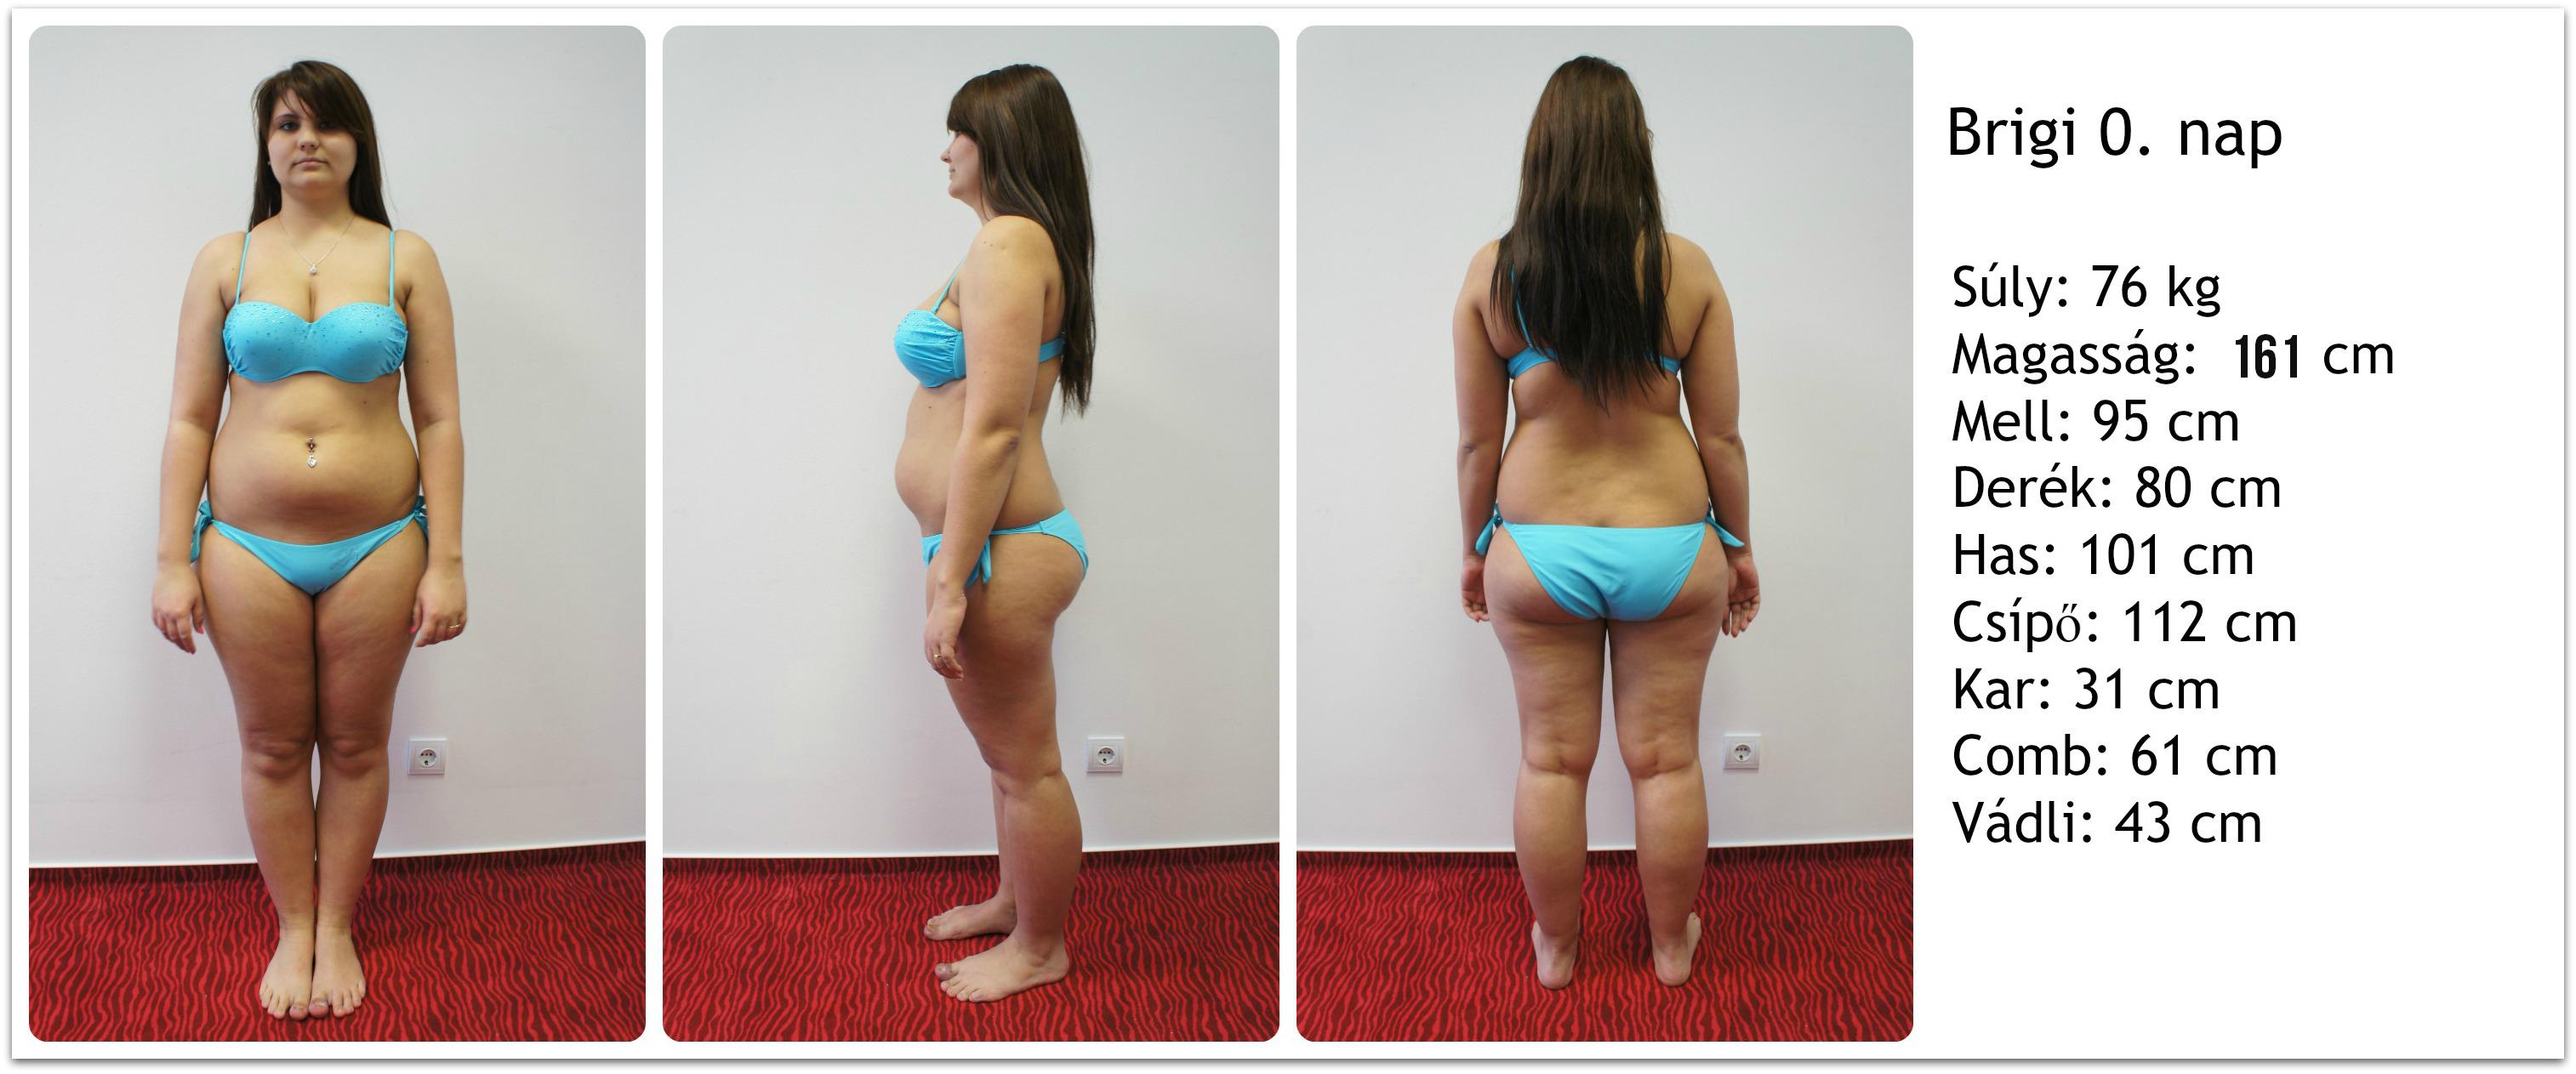 5 kg súlycsökkenés 3 hónap alatt)